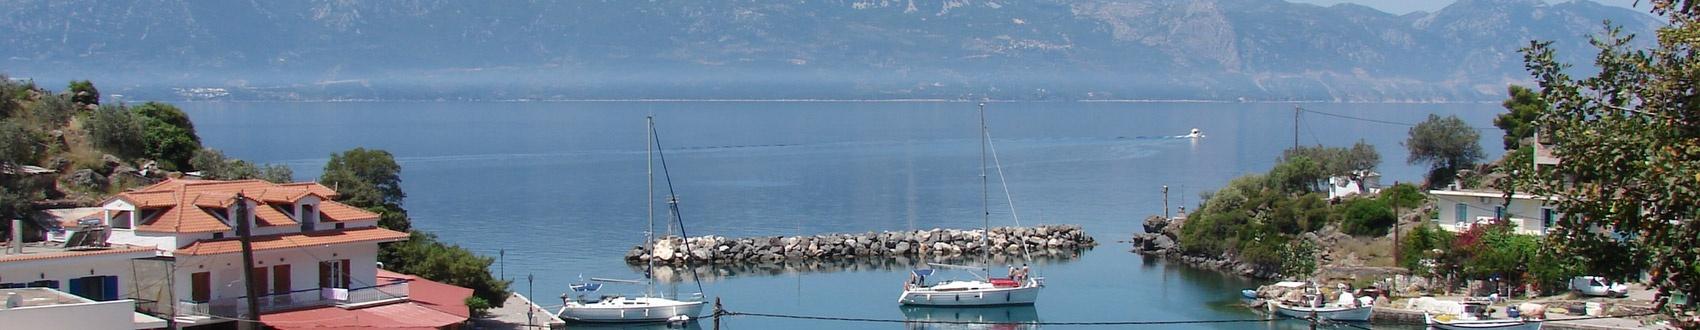 Morze Joñskie Wyspy - Rejsy Grecja -Morze Egejskie - Rejsy i Czarter Jachtów Grecja Ateny | Geo Sail